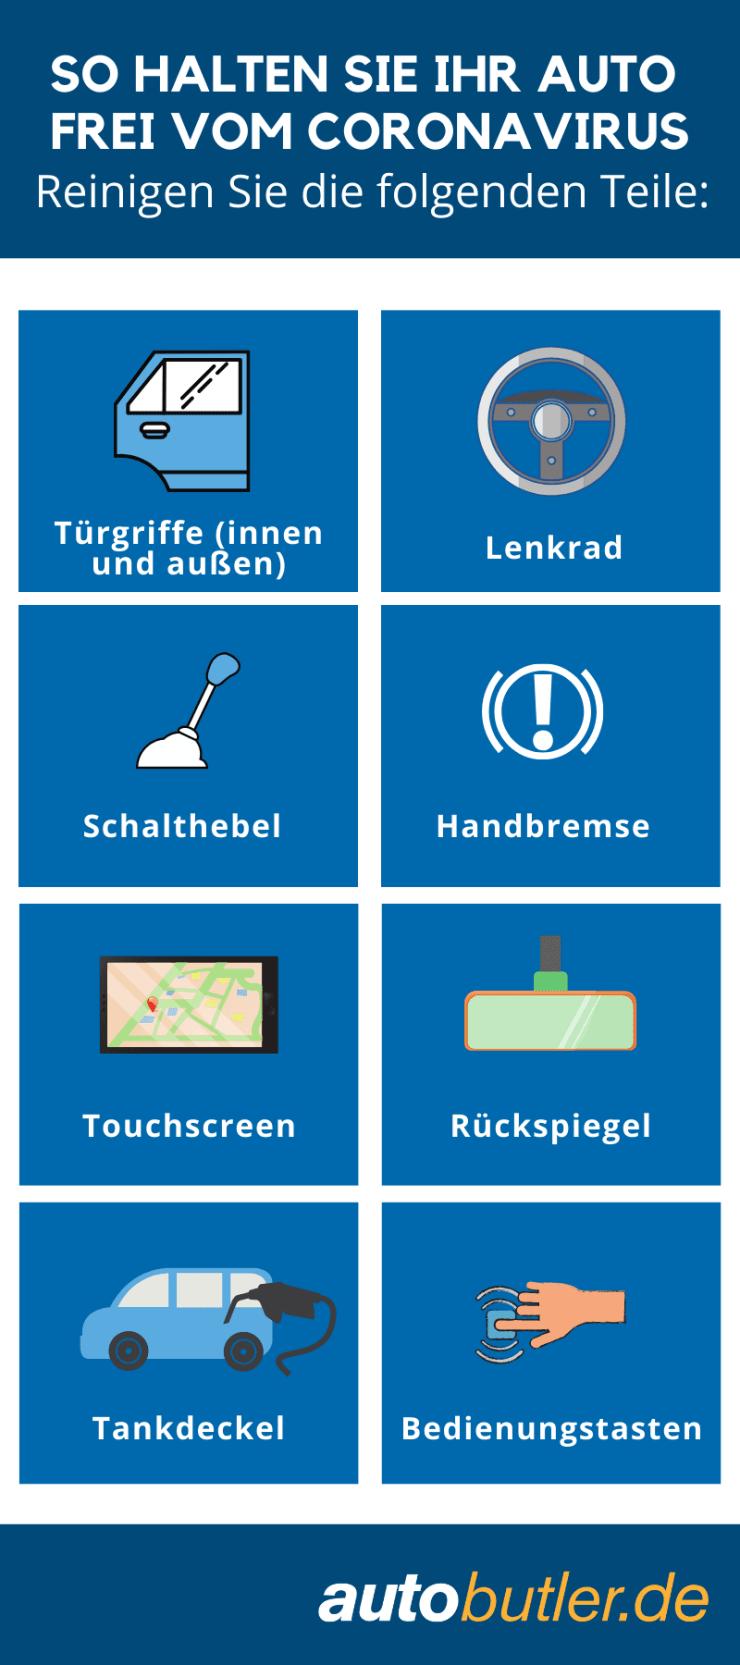 Infographik zeigt die wichtigsten zu reinigenden Stellen am Auto